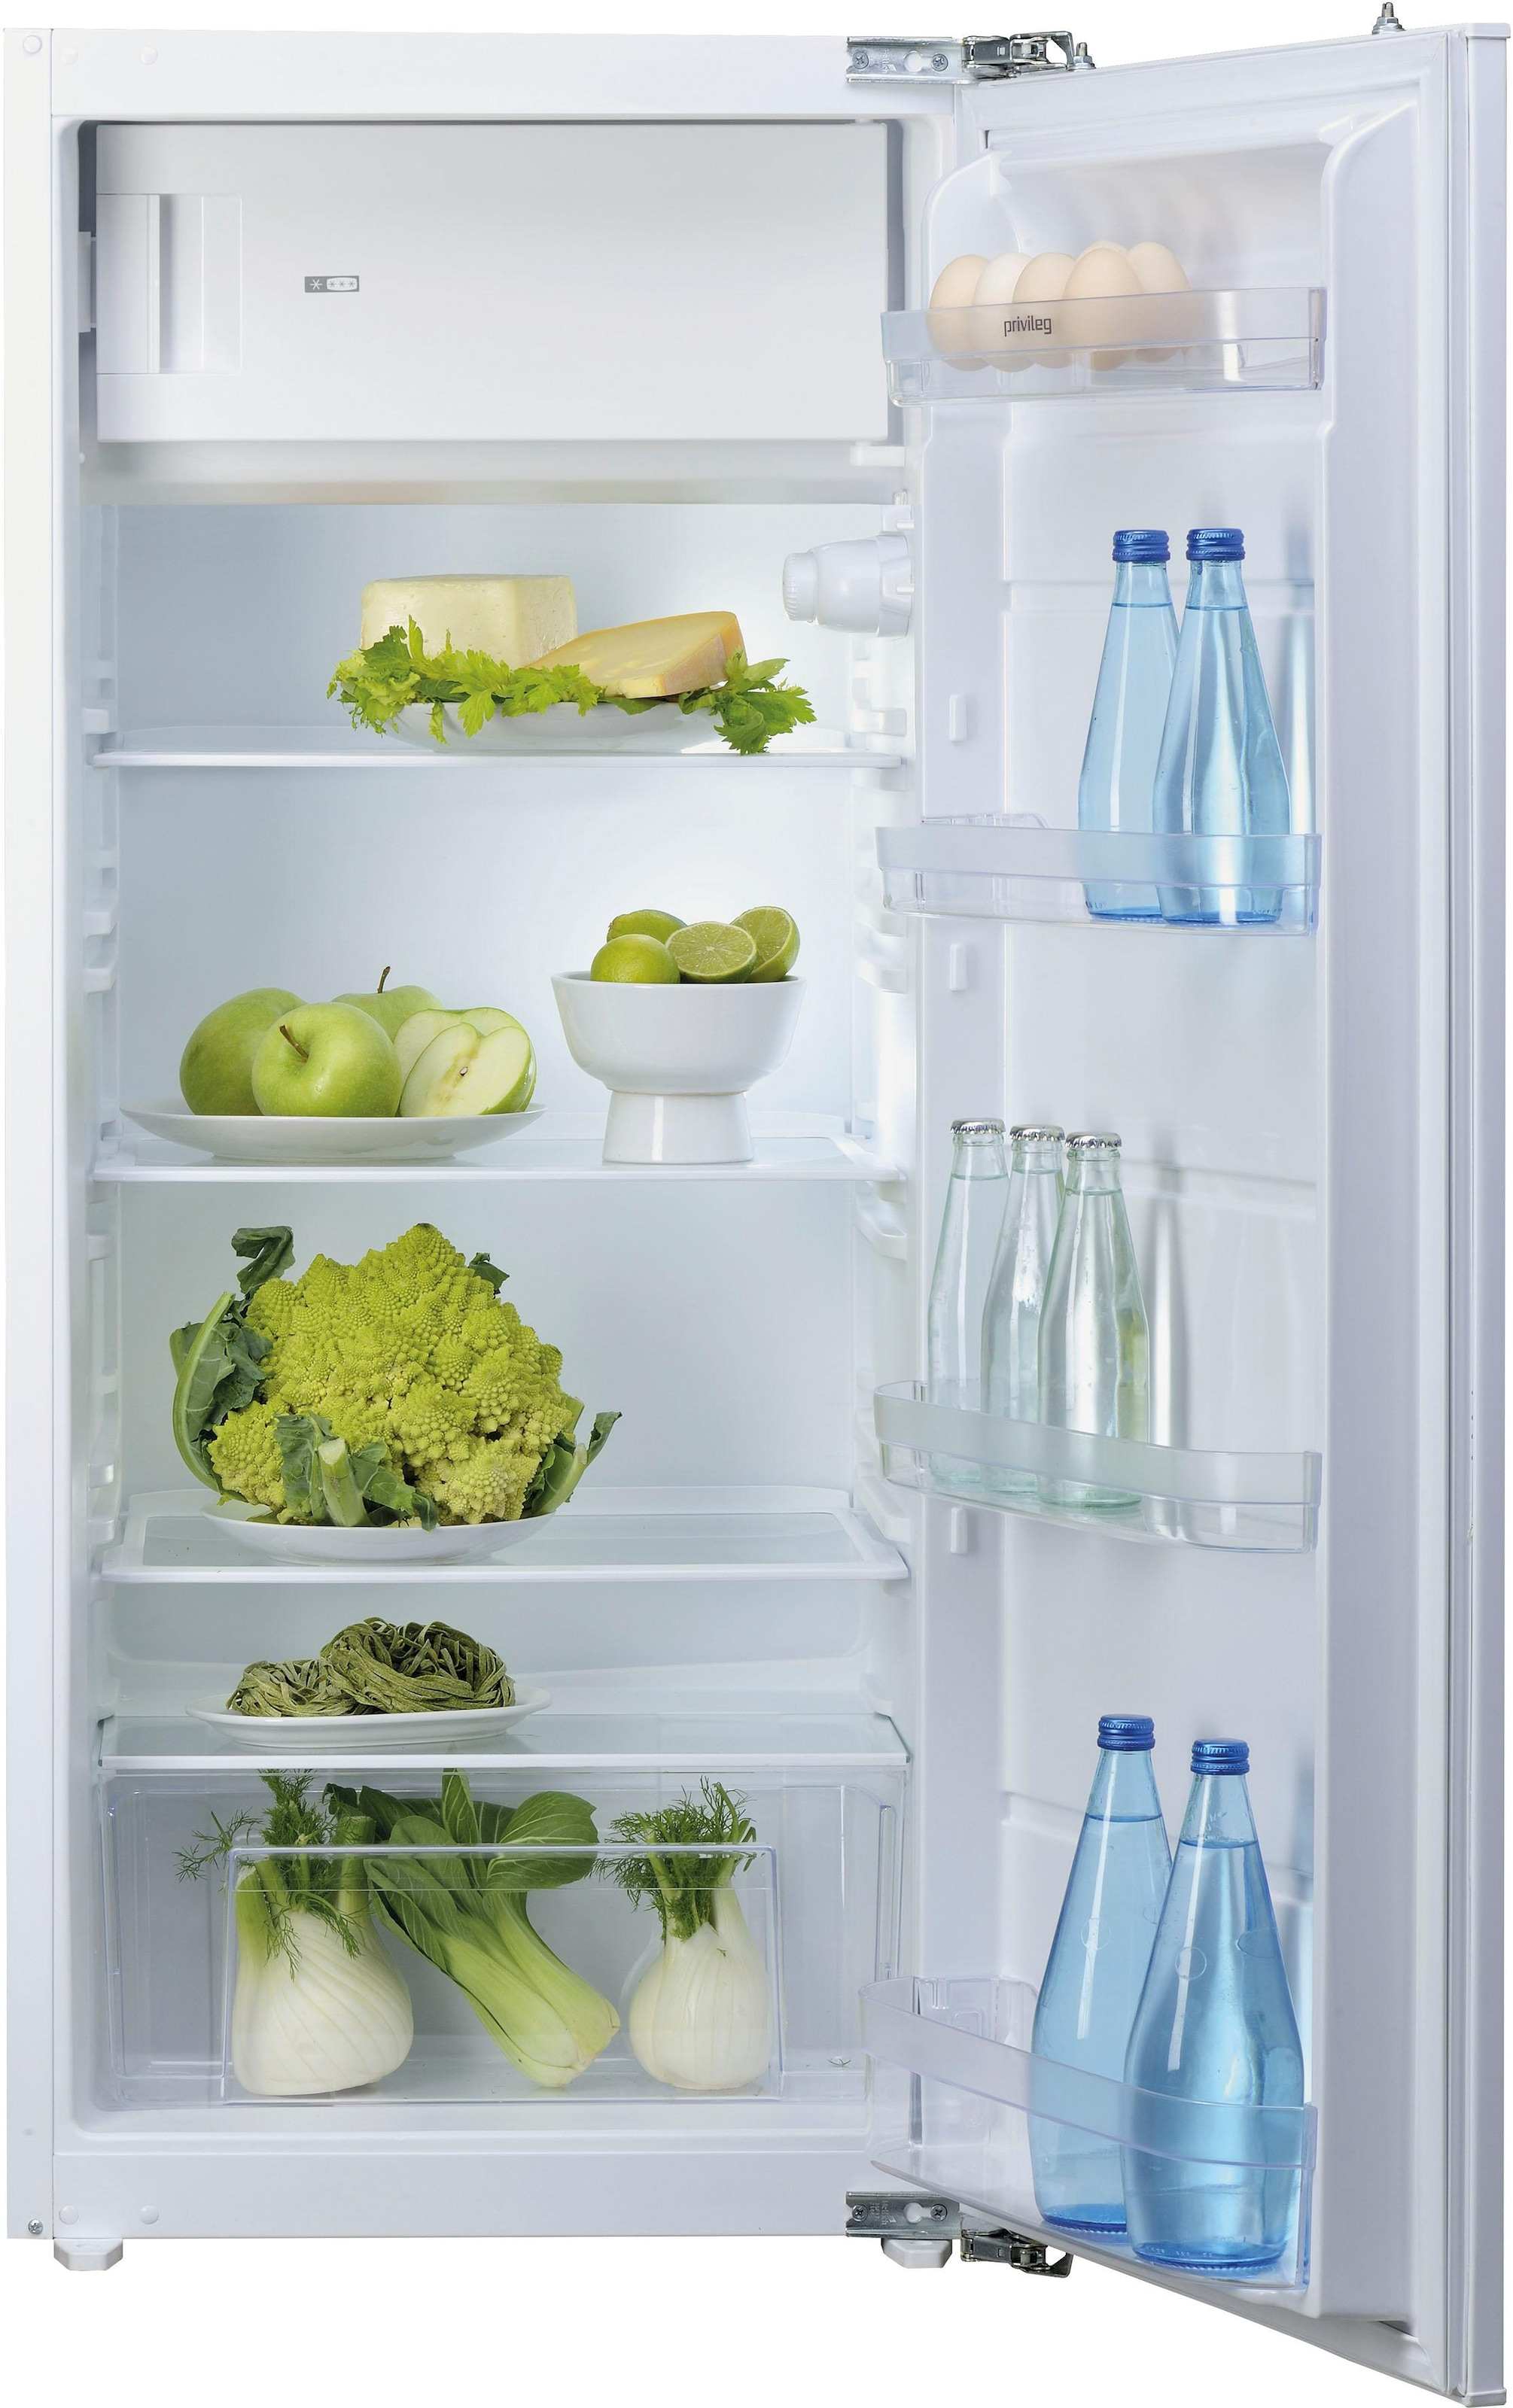 Gorenje Einbau Kühlschrank 122 Cm : Einbaukühlschränke kauf auf rechnung baur